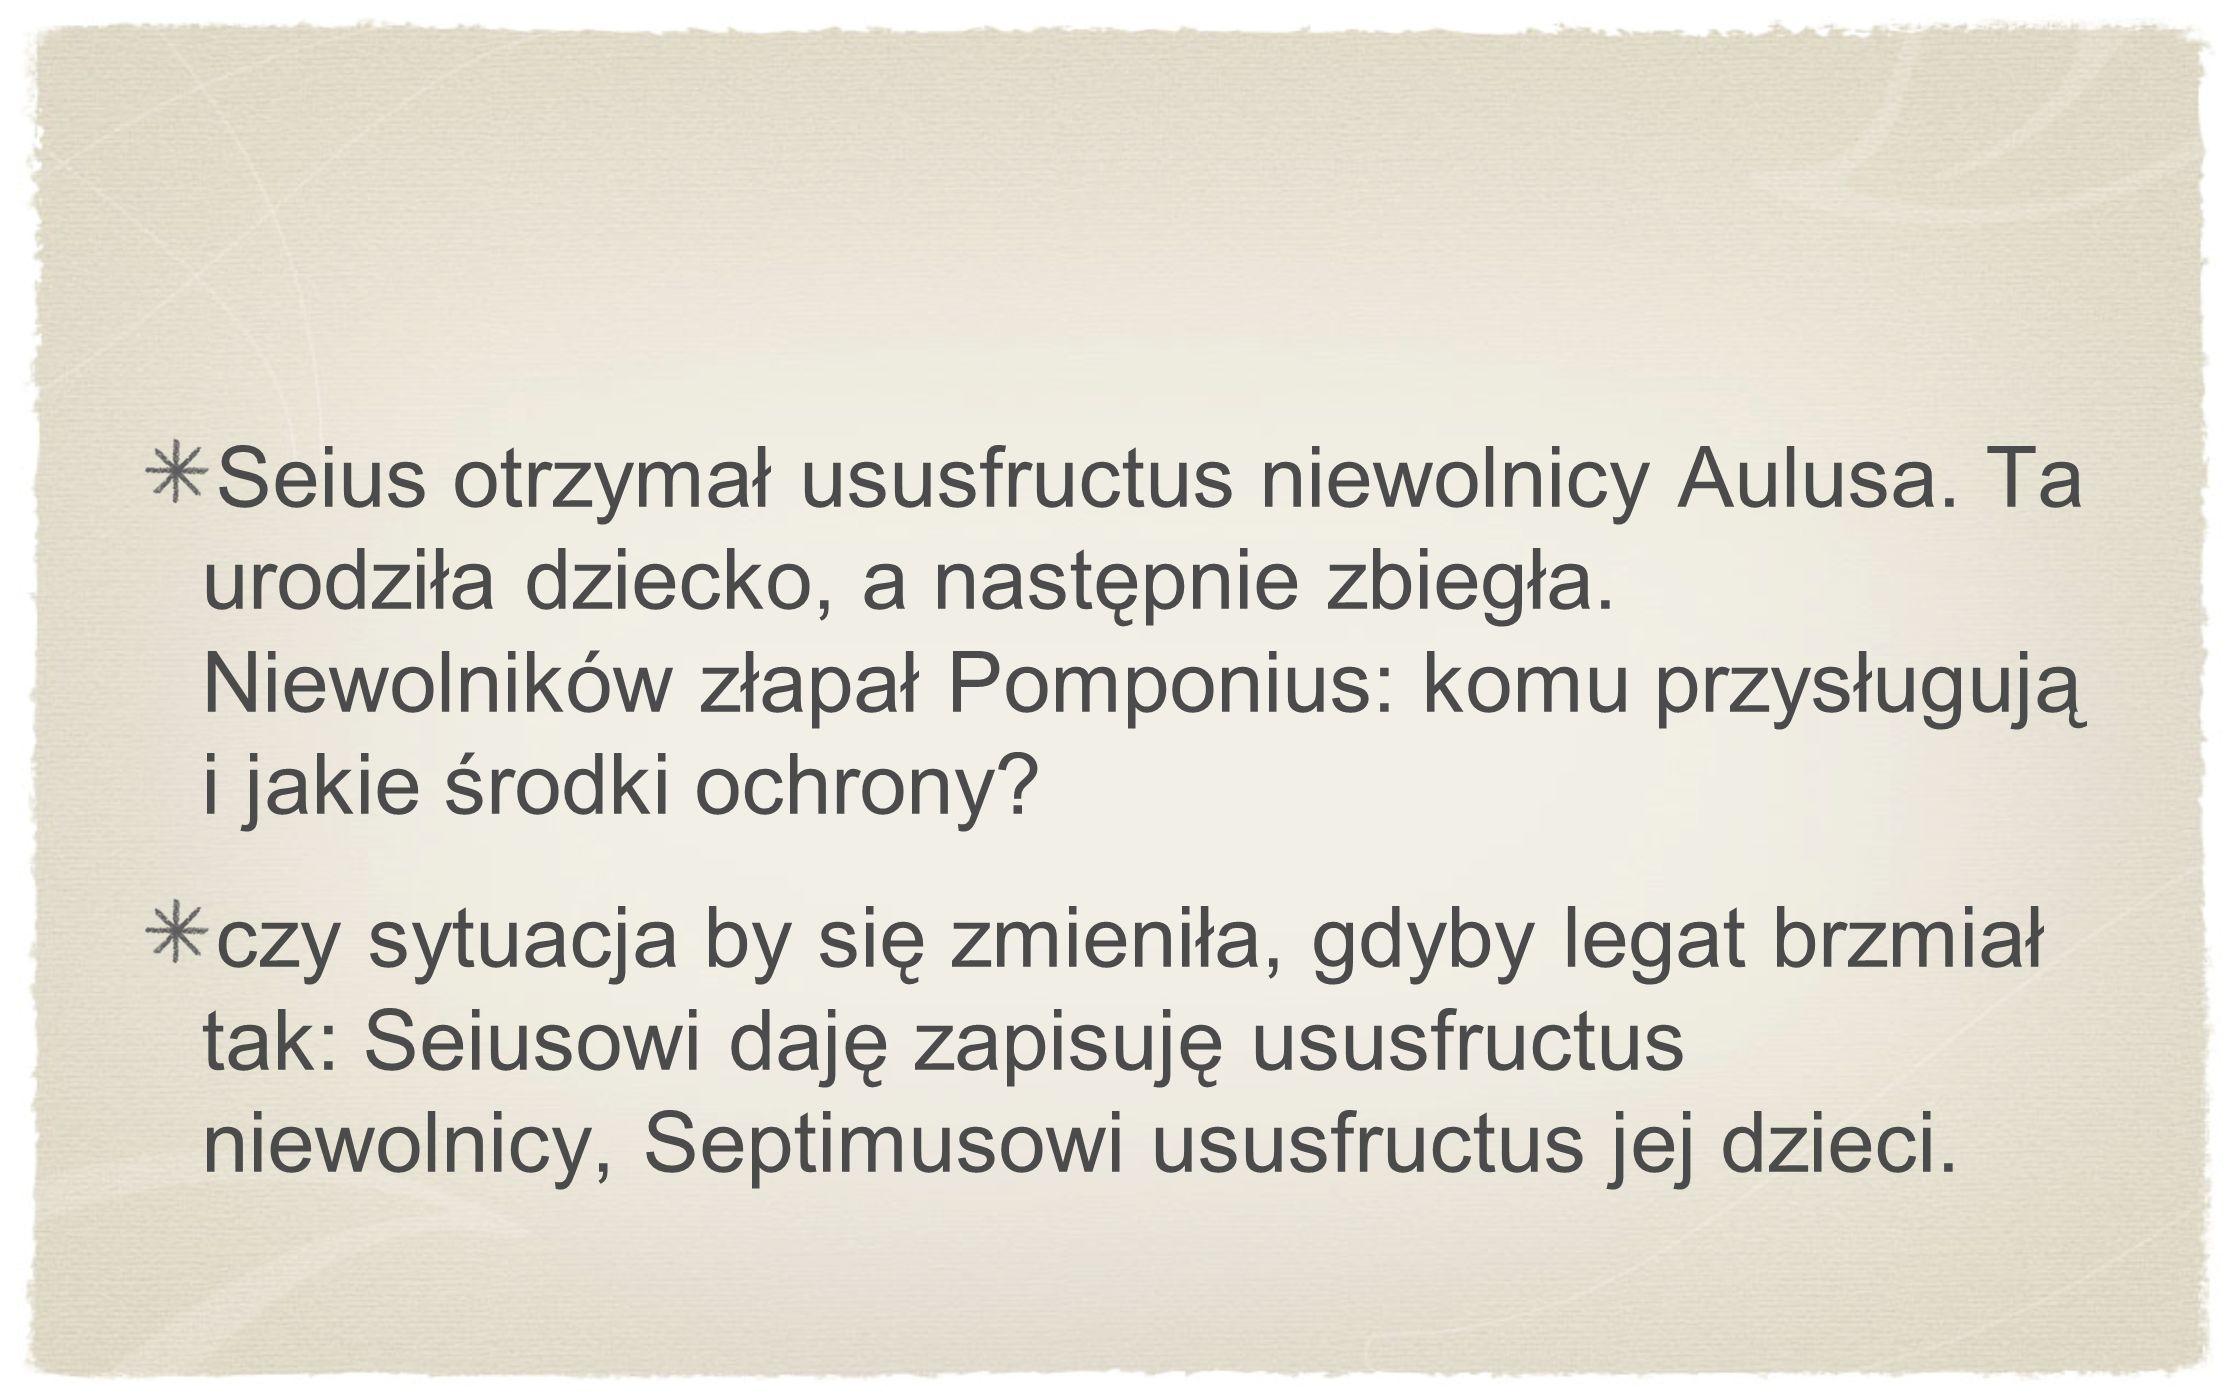 Seius otrzymał ususfructus niewolnicy Aulusa